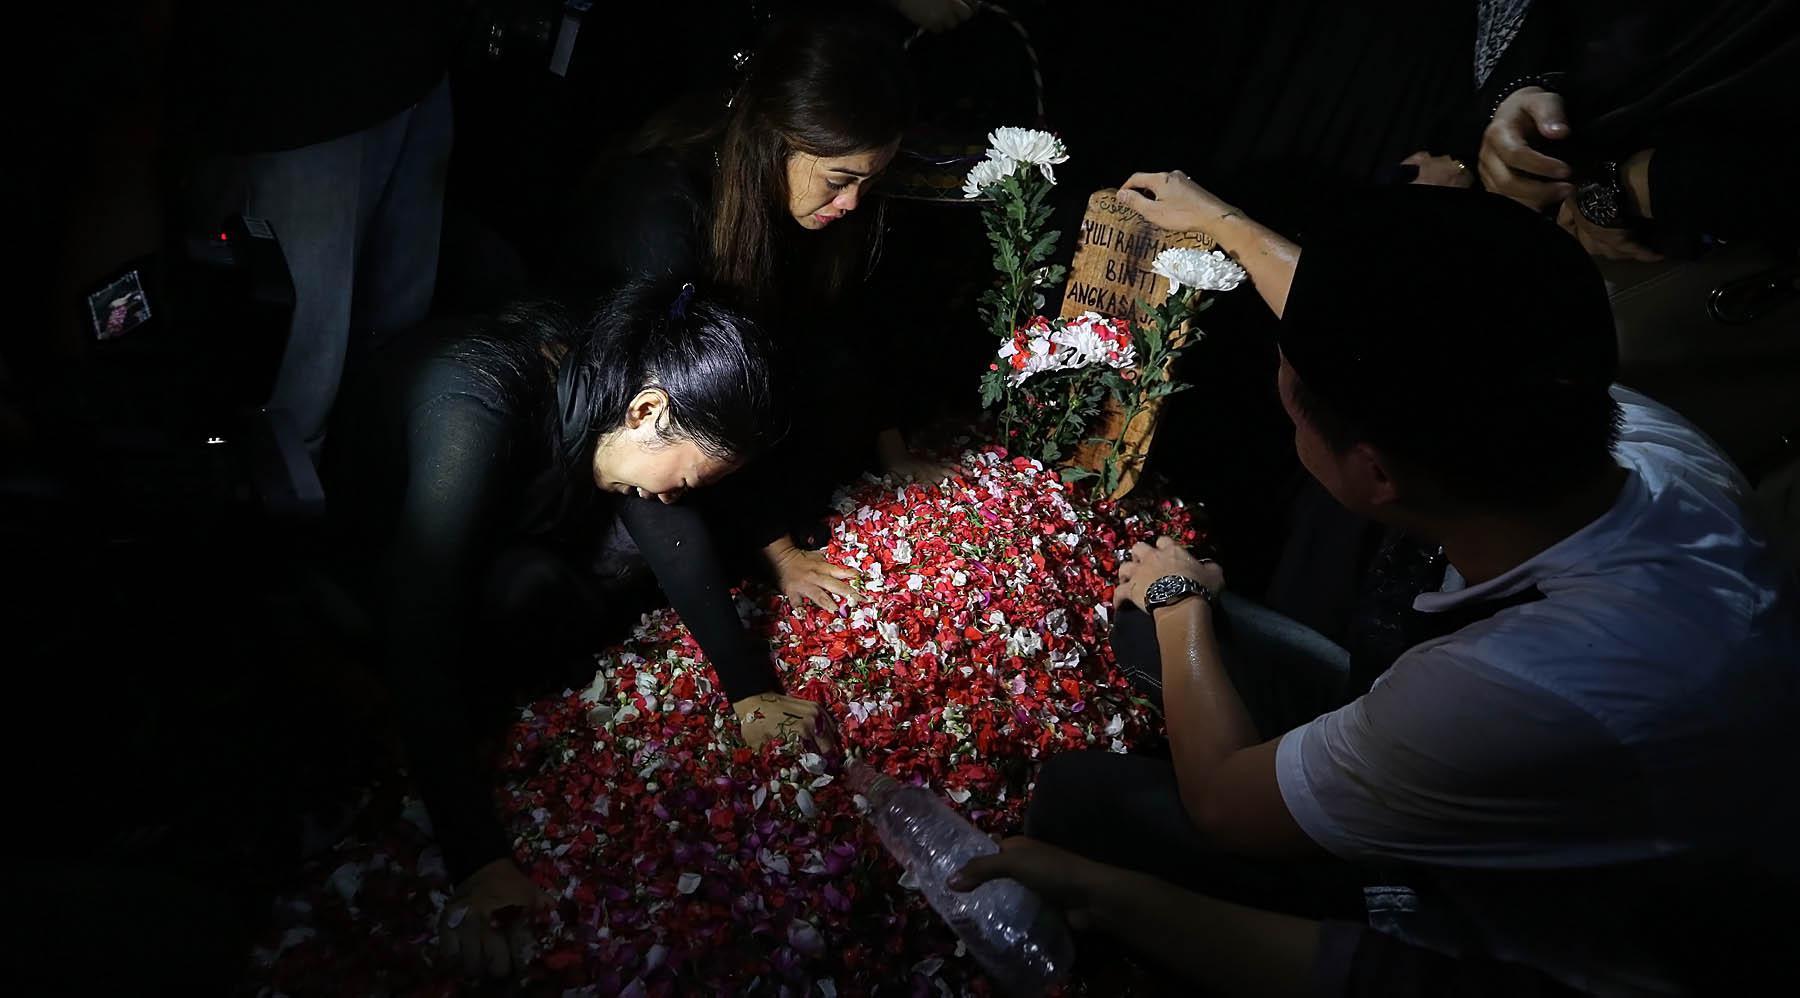 Julia Perez, pergi meninggalkan keluarga, sahabat, dan para penggemarnya. Tidak sedikit masyarakat yang menumpahkan air matanya ketika hadir di lokasi pemakaman di TPU Pondok Ranggon, Jakarta Timur. (Bambang E.Ros/Bintang.com)